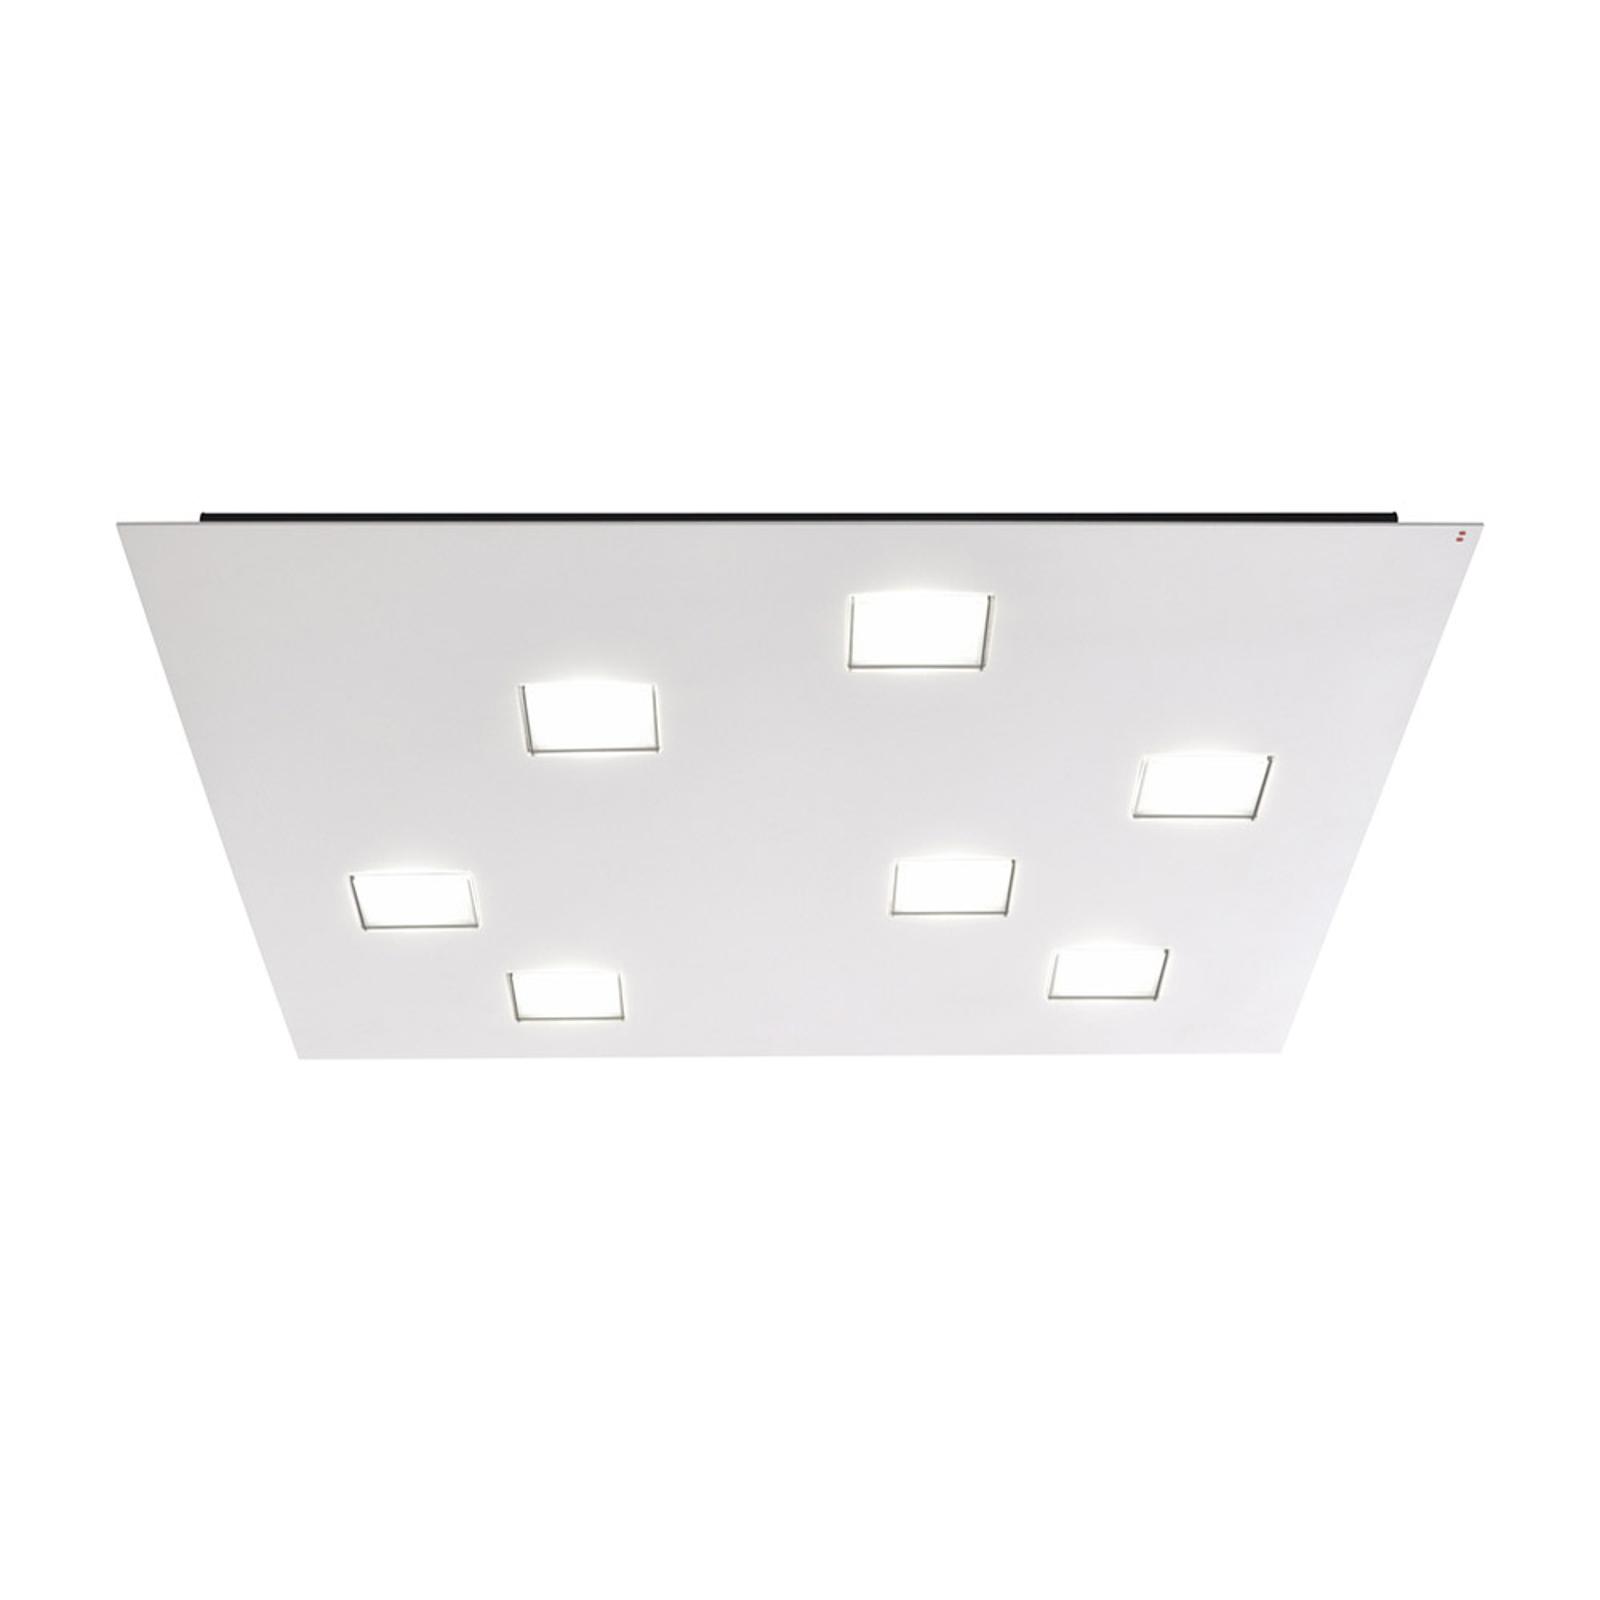 Fabbian Quarter biele stropné LED svetlo 7-pl._3503243_1